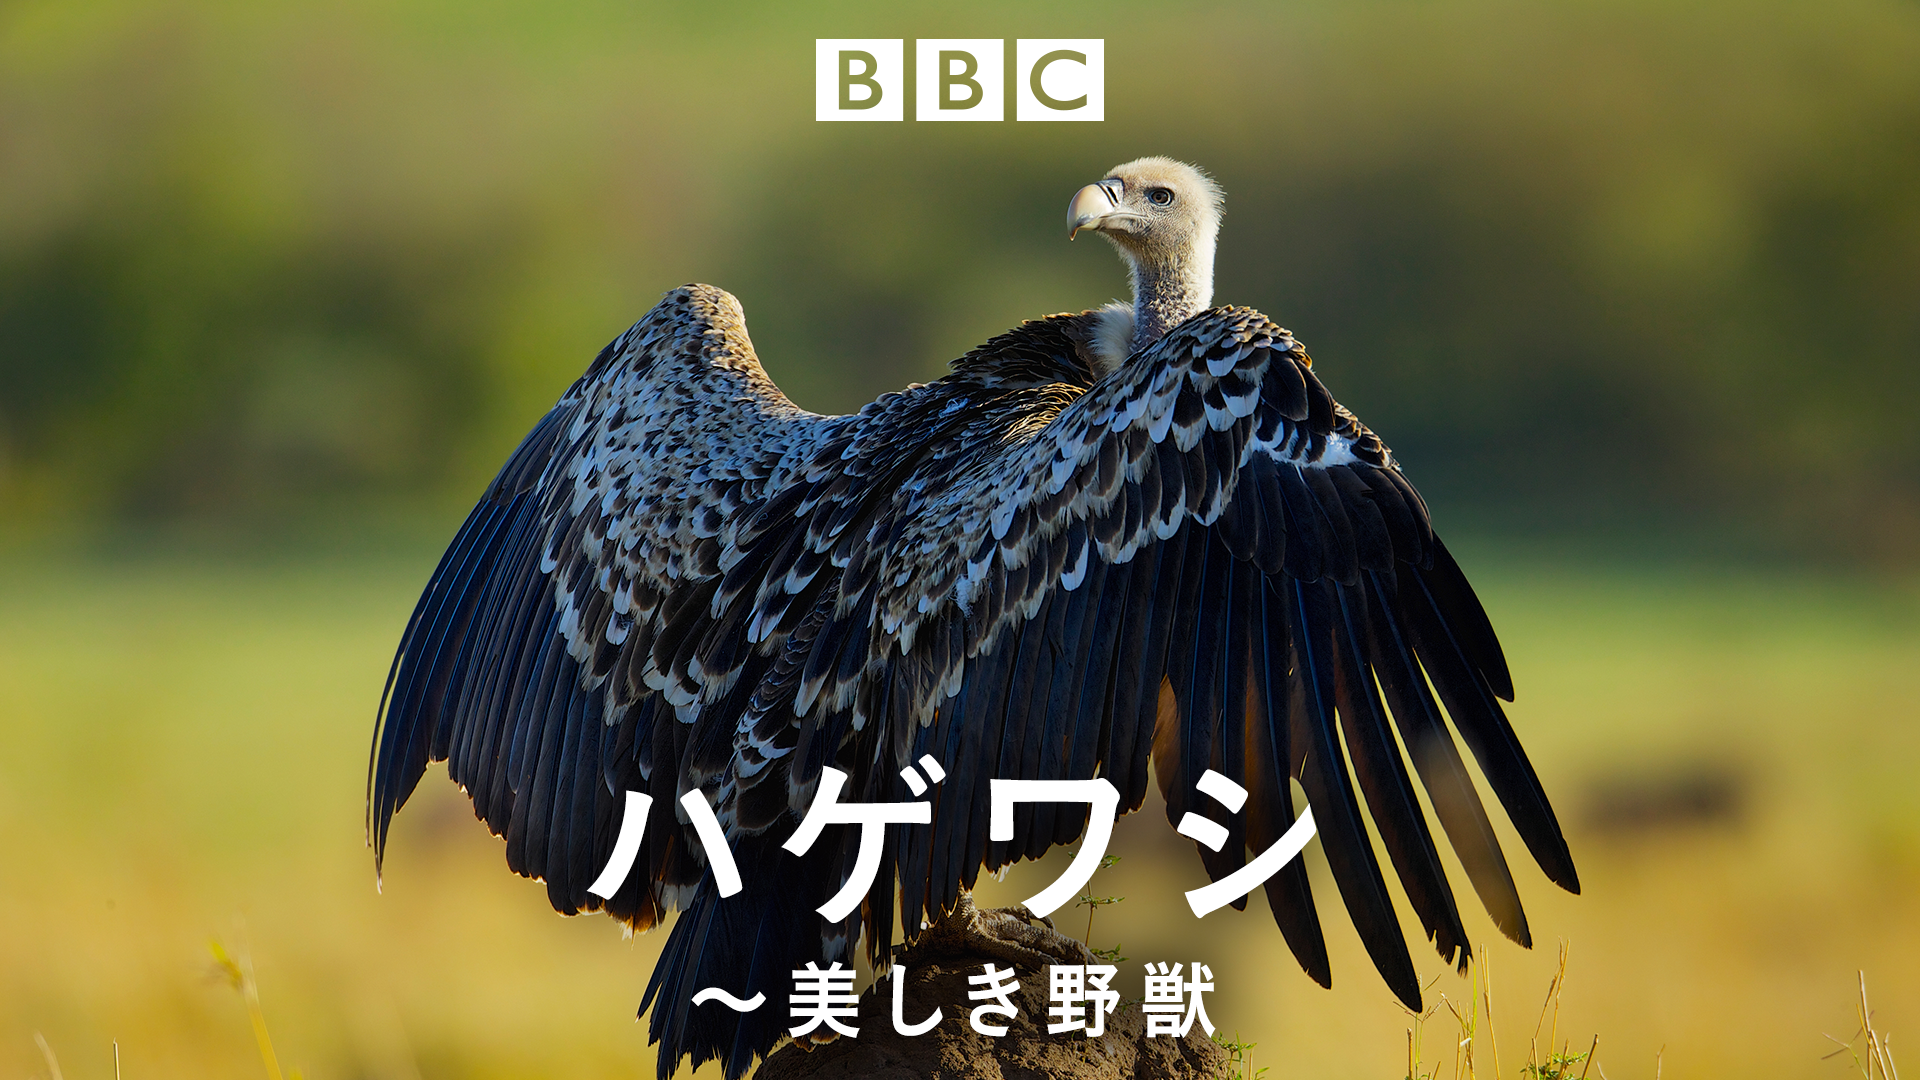 動物の謝肉祭 ハゲワシ~美しき野獣~ (ナチュラルワールド)の動画 - ホテル・アルマジロ